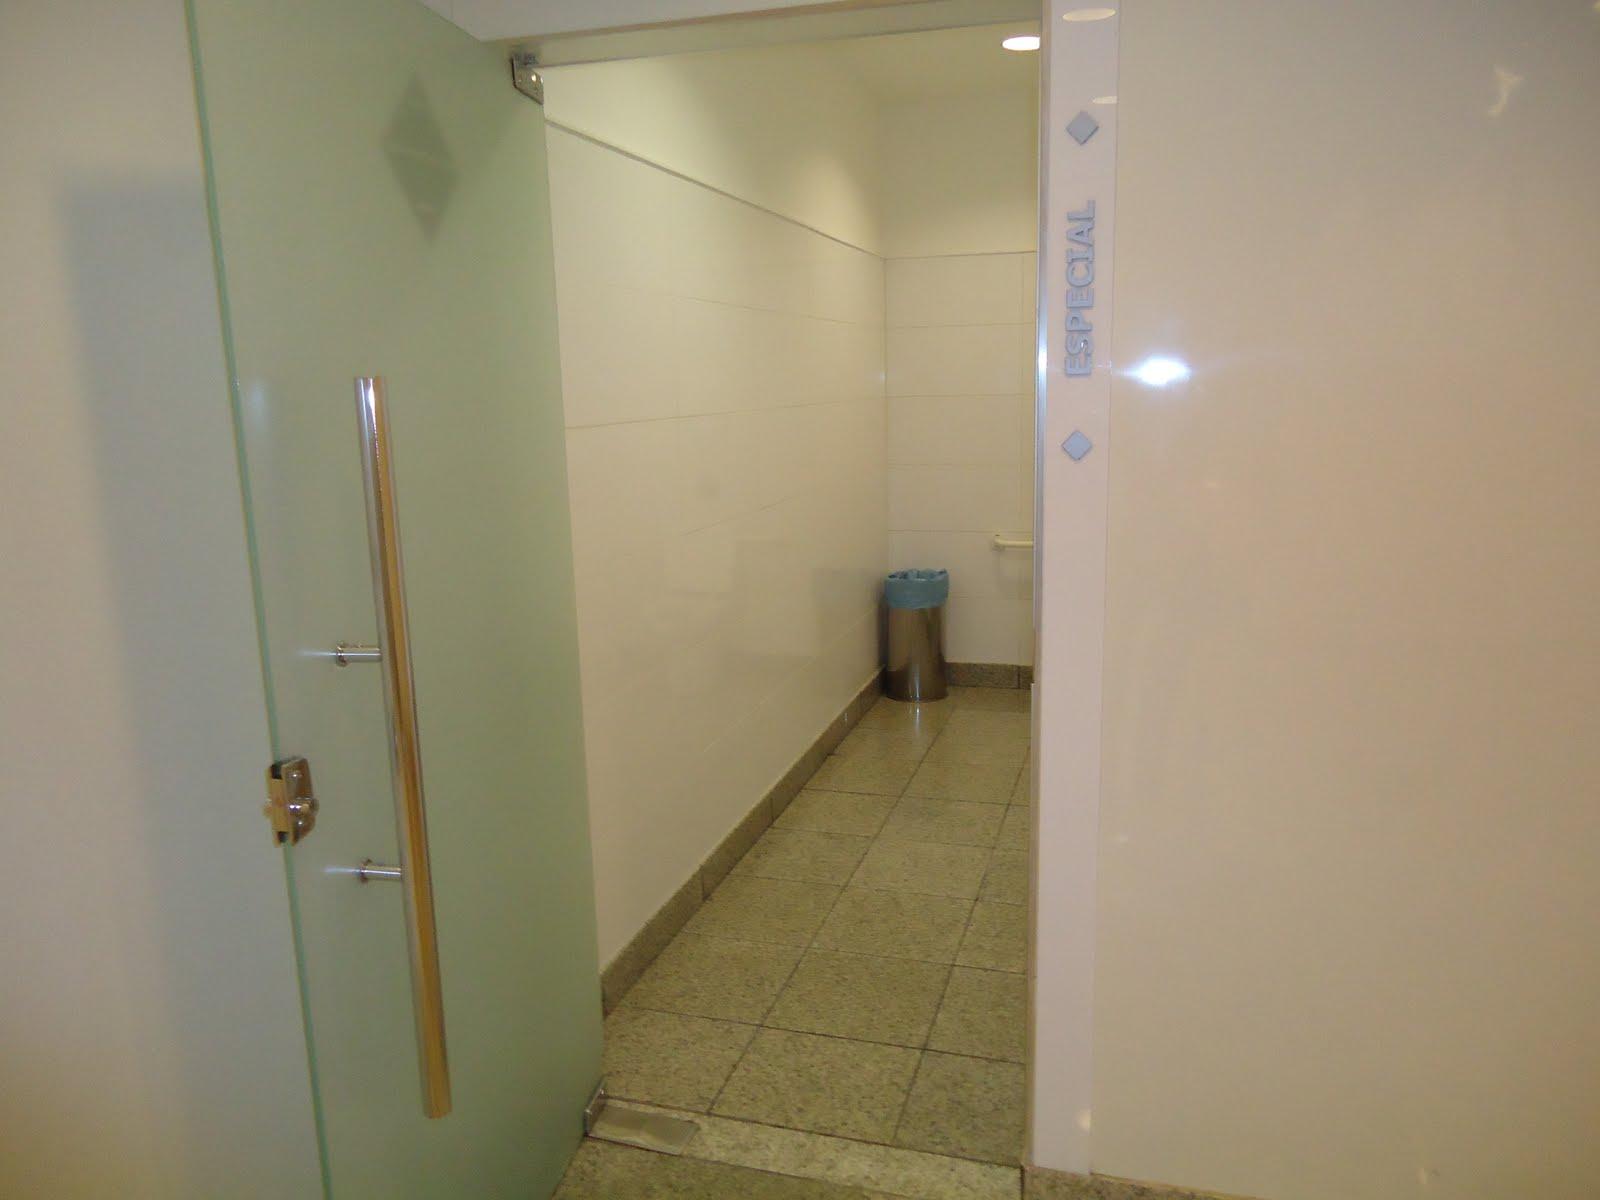 Acessibilidade na Prática: Sanitário Familiar do Shopping Campo  #604E28 1600x1200 Acessibilidade Banheiro Cadeirante